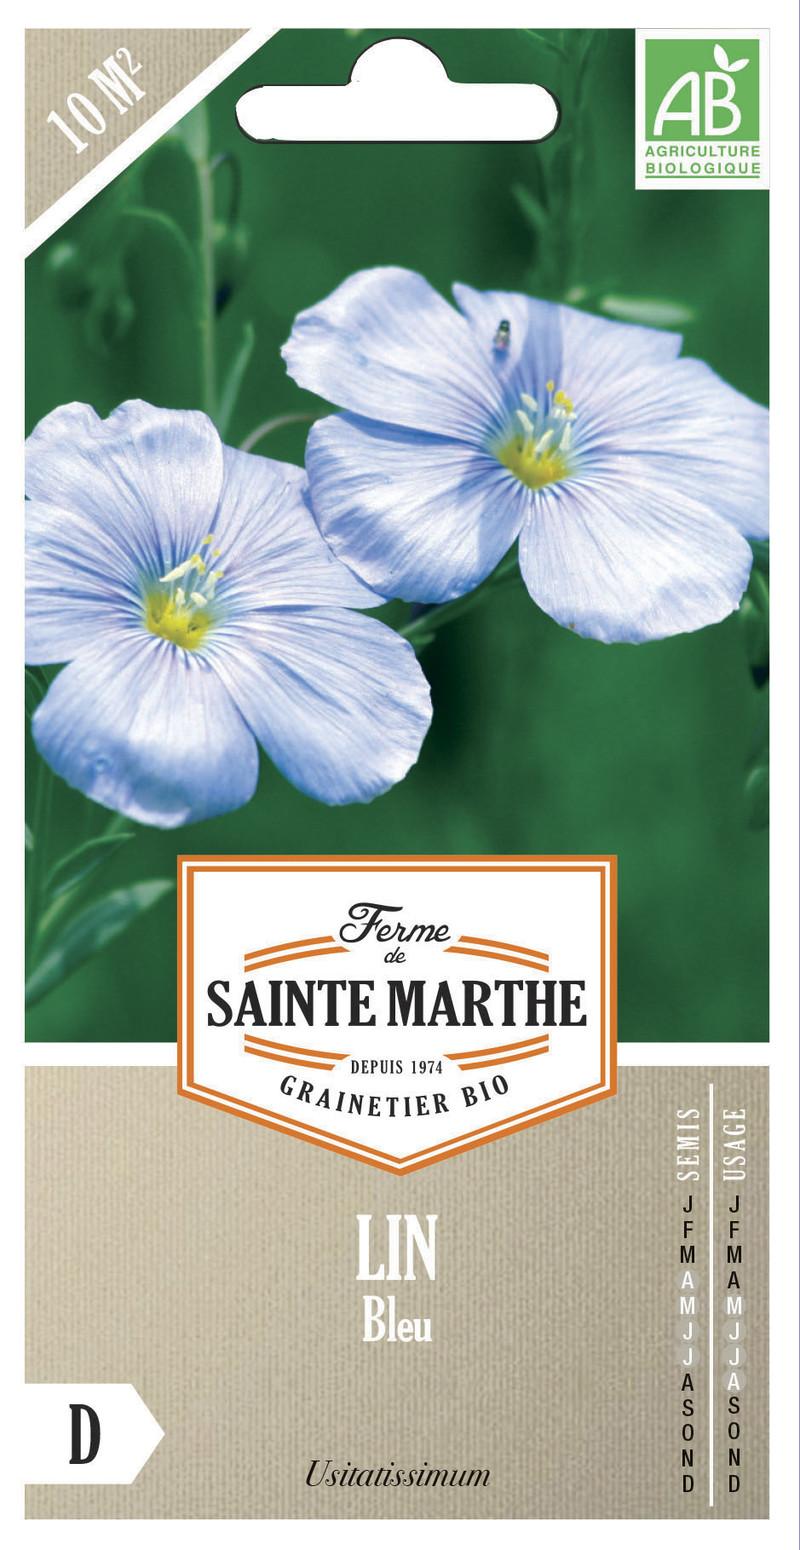 lin bleu linum usitatissimum bio la ferme de sainte marthe graine semence fleur engrais vert boite - Voir en grand